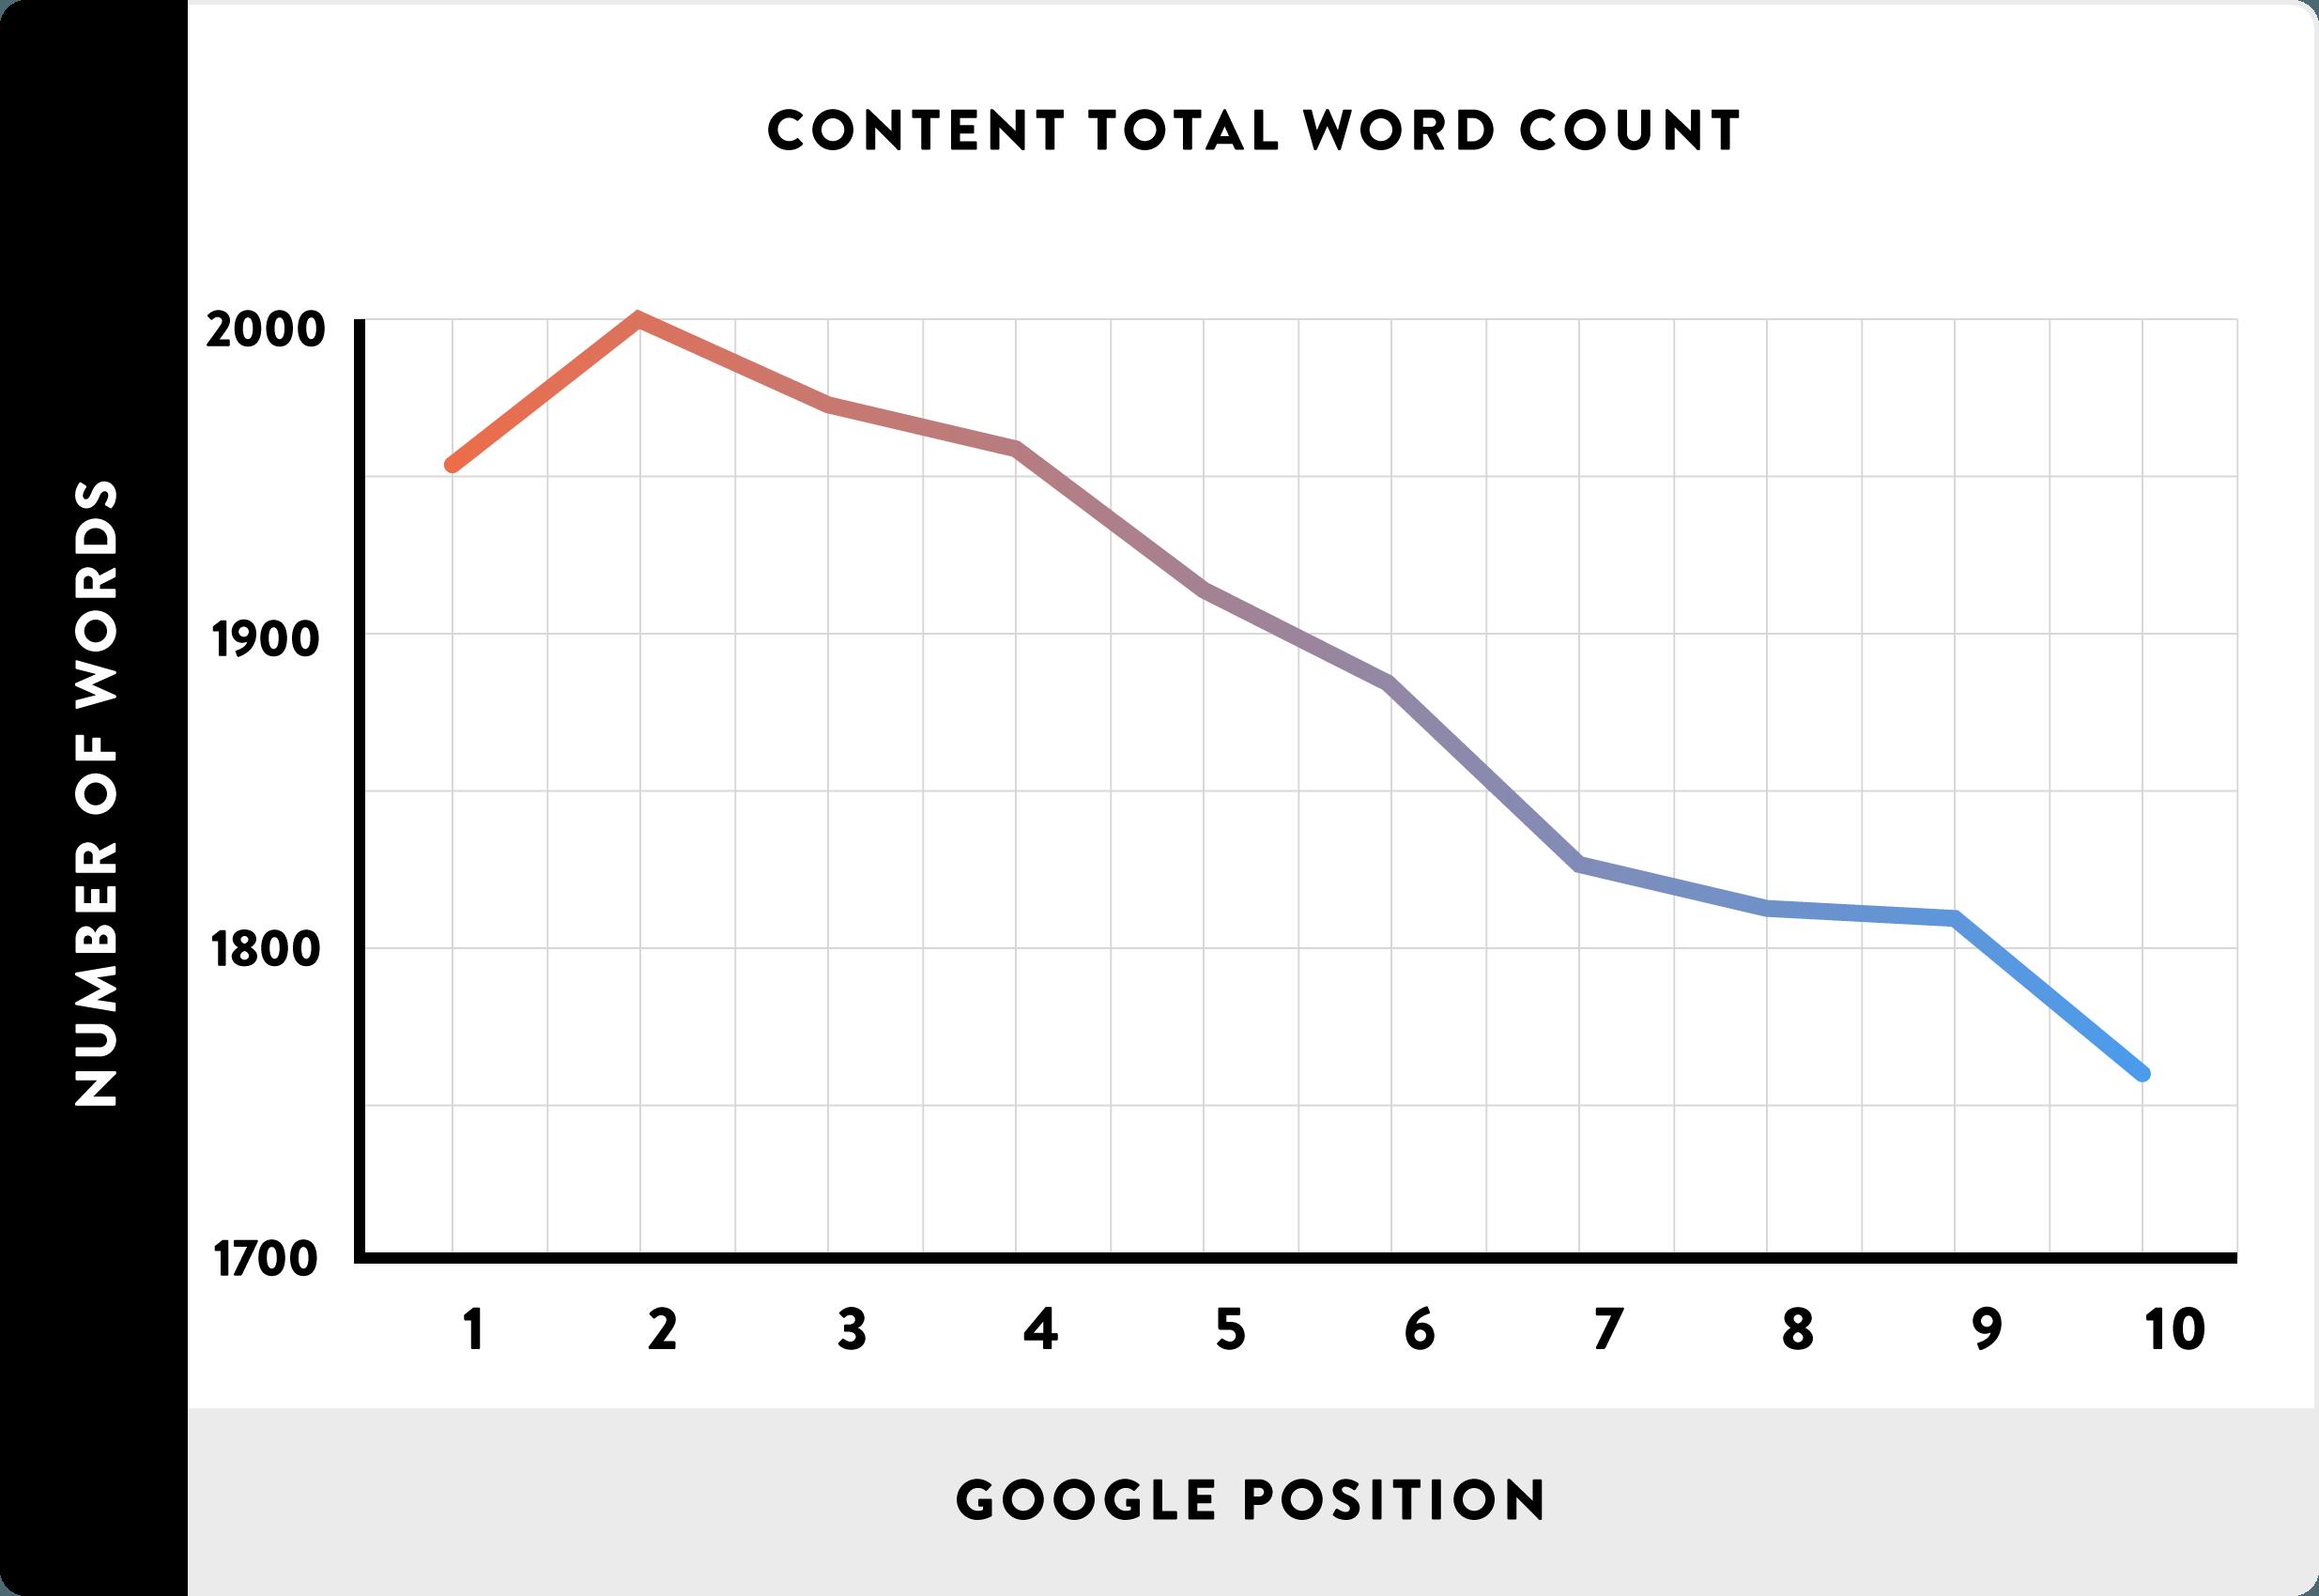 Longer content ranks above shorter content